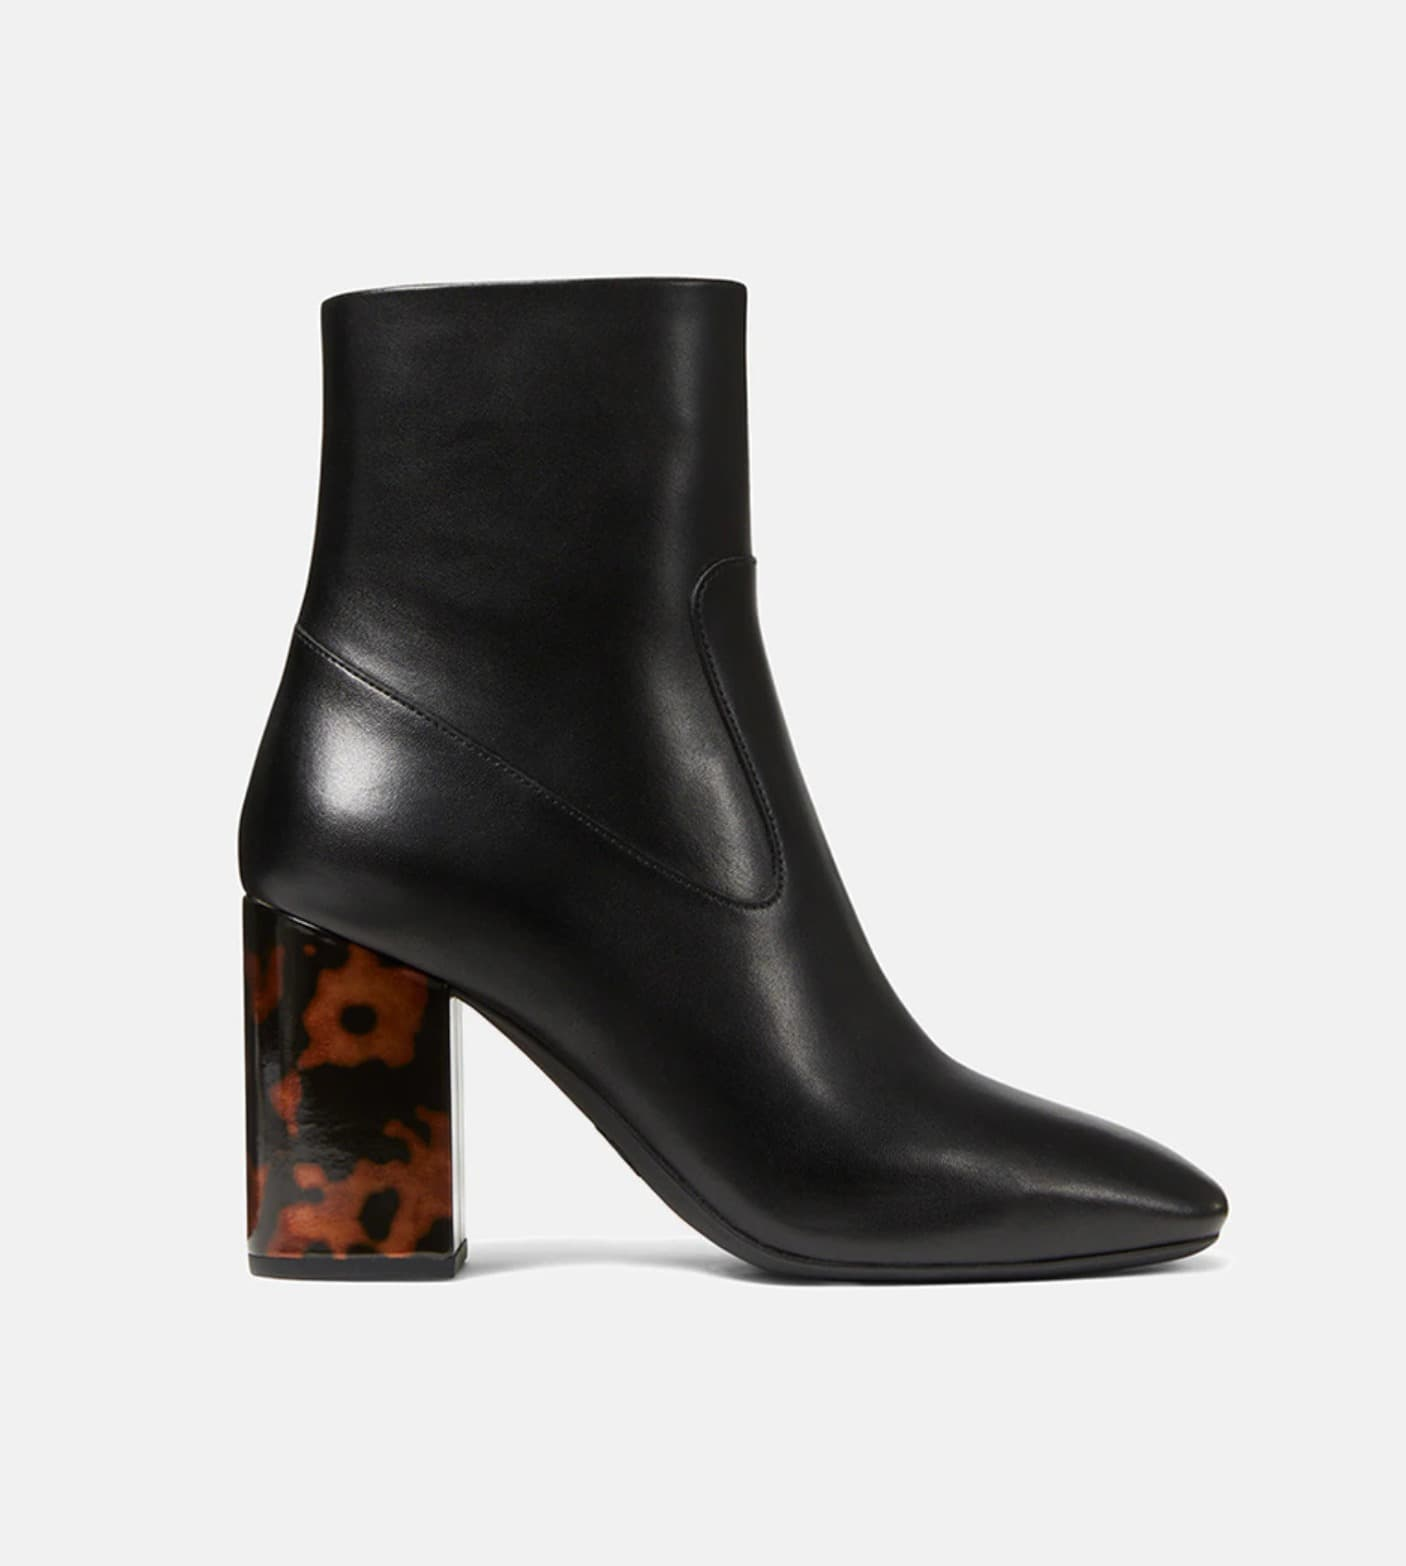 Botines de mujer Michael Michael Kors de color negro con tacón estampado